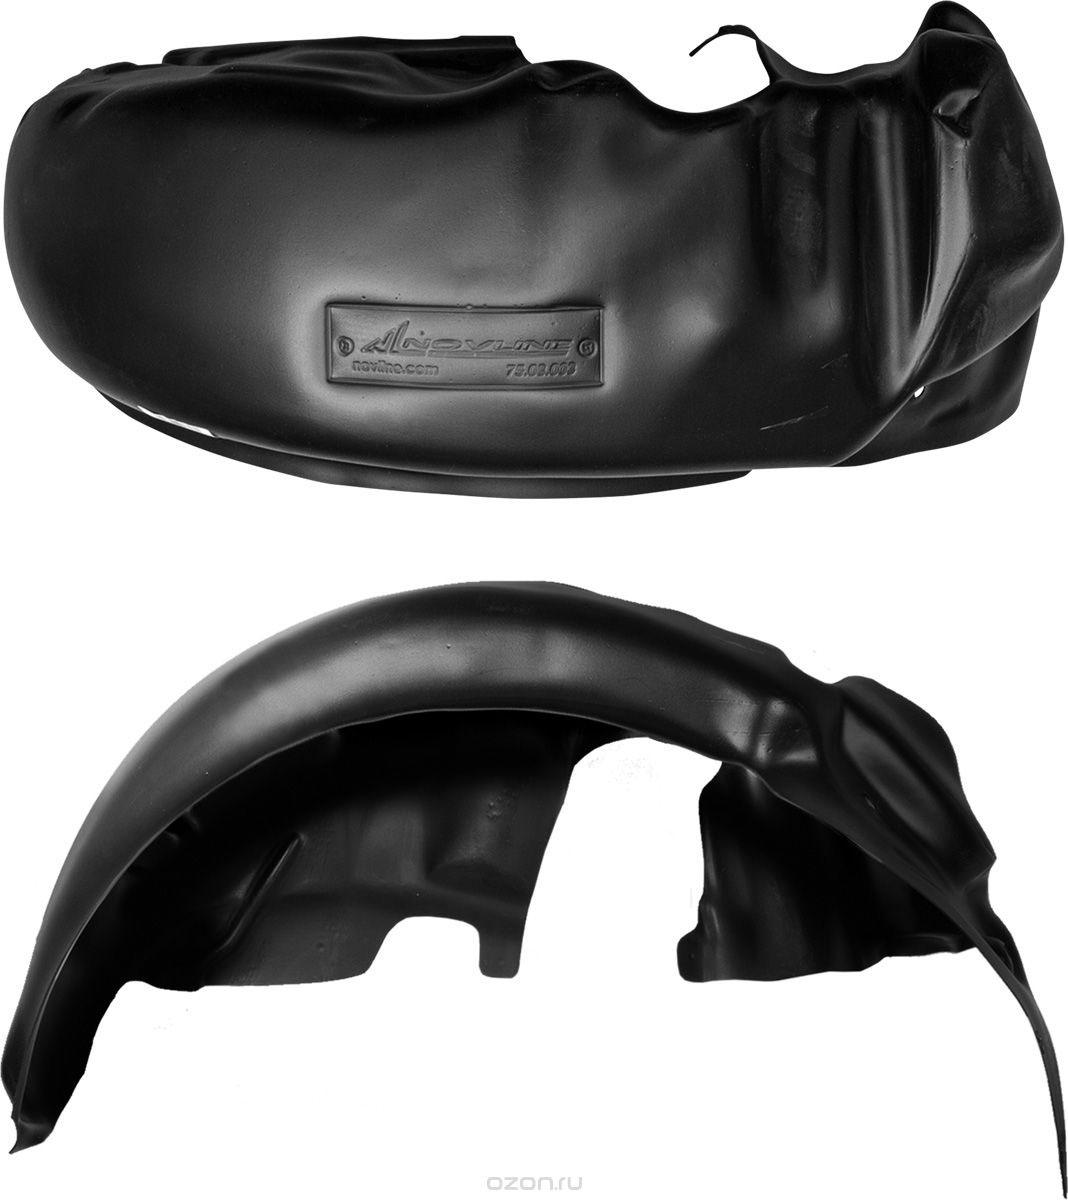 Подкрылок Novline-Autofamily, для УАЗ Hunter 11/2003->, задний левый000414Идеальная защита колесной ниши. Локеры разработаны с применением цифровых технологий, гарантируют максимальную повторяемость поверхности арки. Изделия устанавливаются без нарушения лакокрасочного покрытия автомобиля, каждый подкрылок комплектуется крепежом. Уважаемые клиенты, обращаем ваше внимание, что фотографии на подкрылки универсальные и не отражают реальную форму изделия. При этом само изделие идет точно под размер указанного автомобиля.